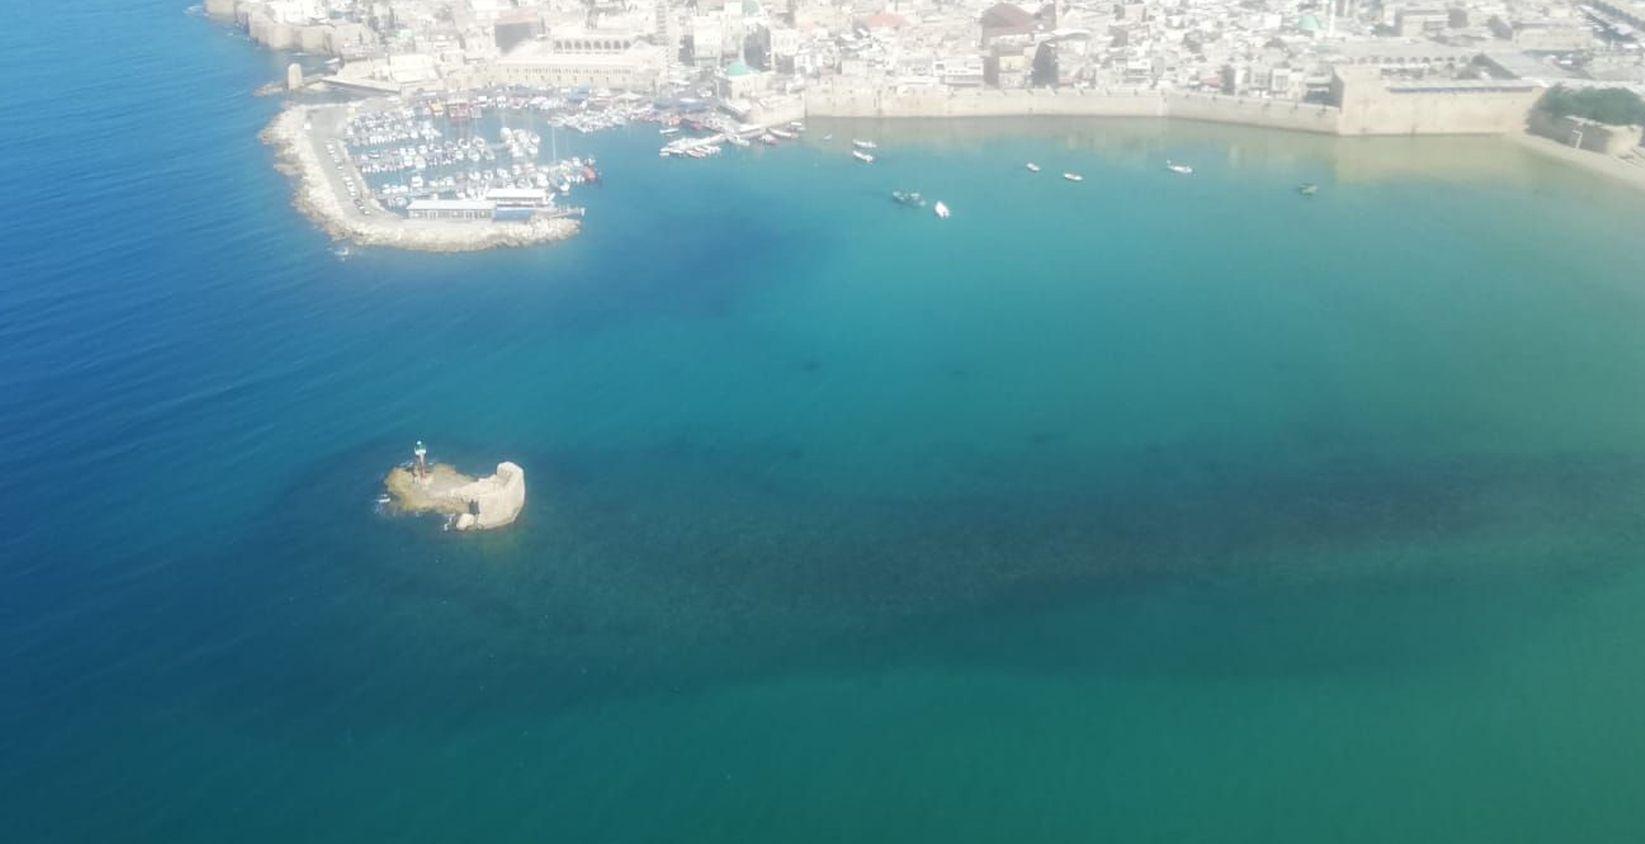 בים, באוויר ובצלילה: עוקבים אחרי המדוזות